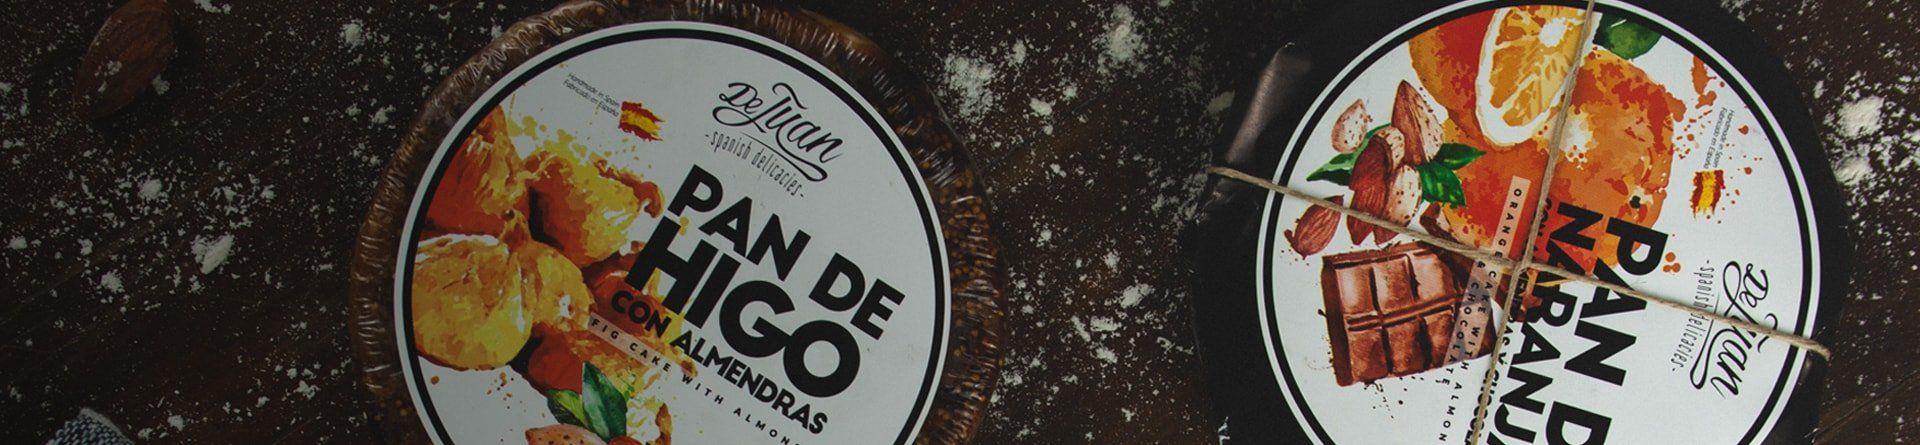 Panes de Higo y Frutos Secos De-Juan